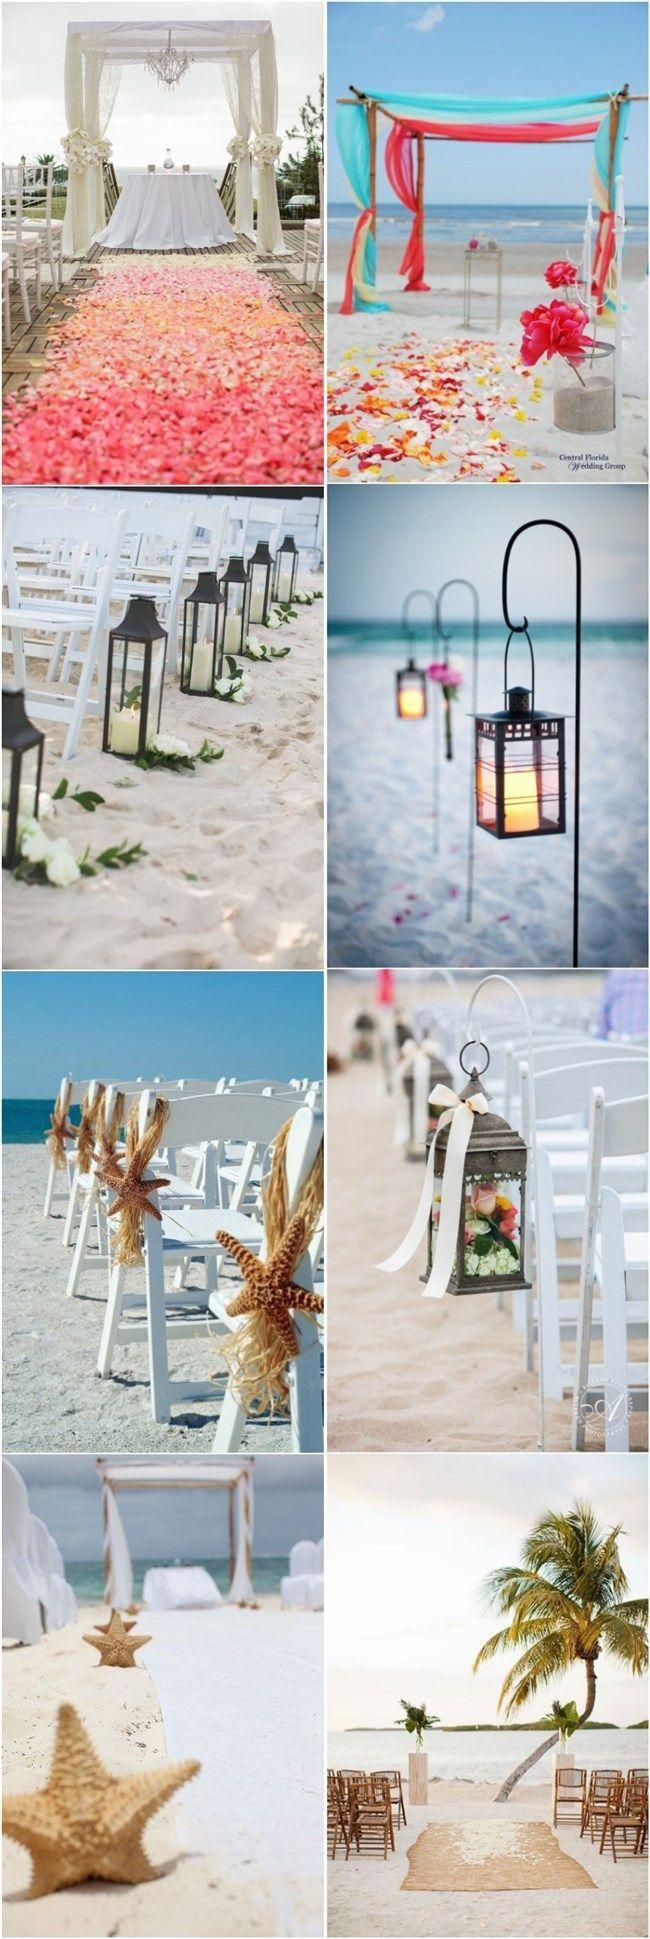 Ilumina tu boda en #Aruba con mucha creatividad y romanticismo. Estas son algunas ideas para tu decoración.   #Onehappyisland #DescubreAruba